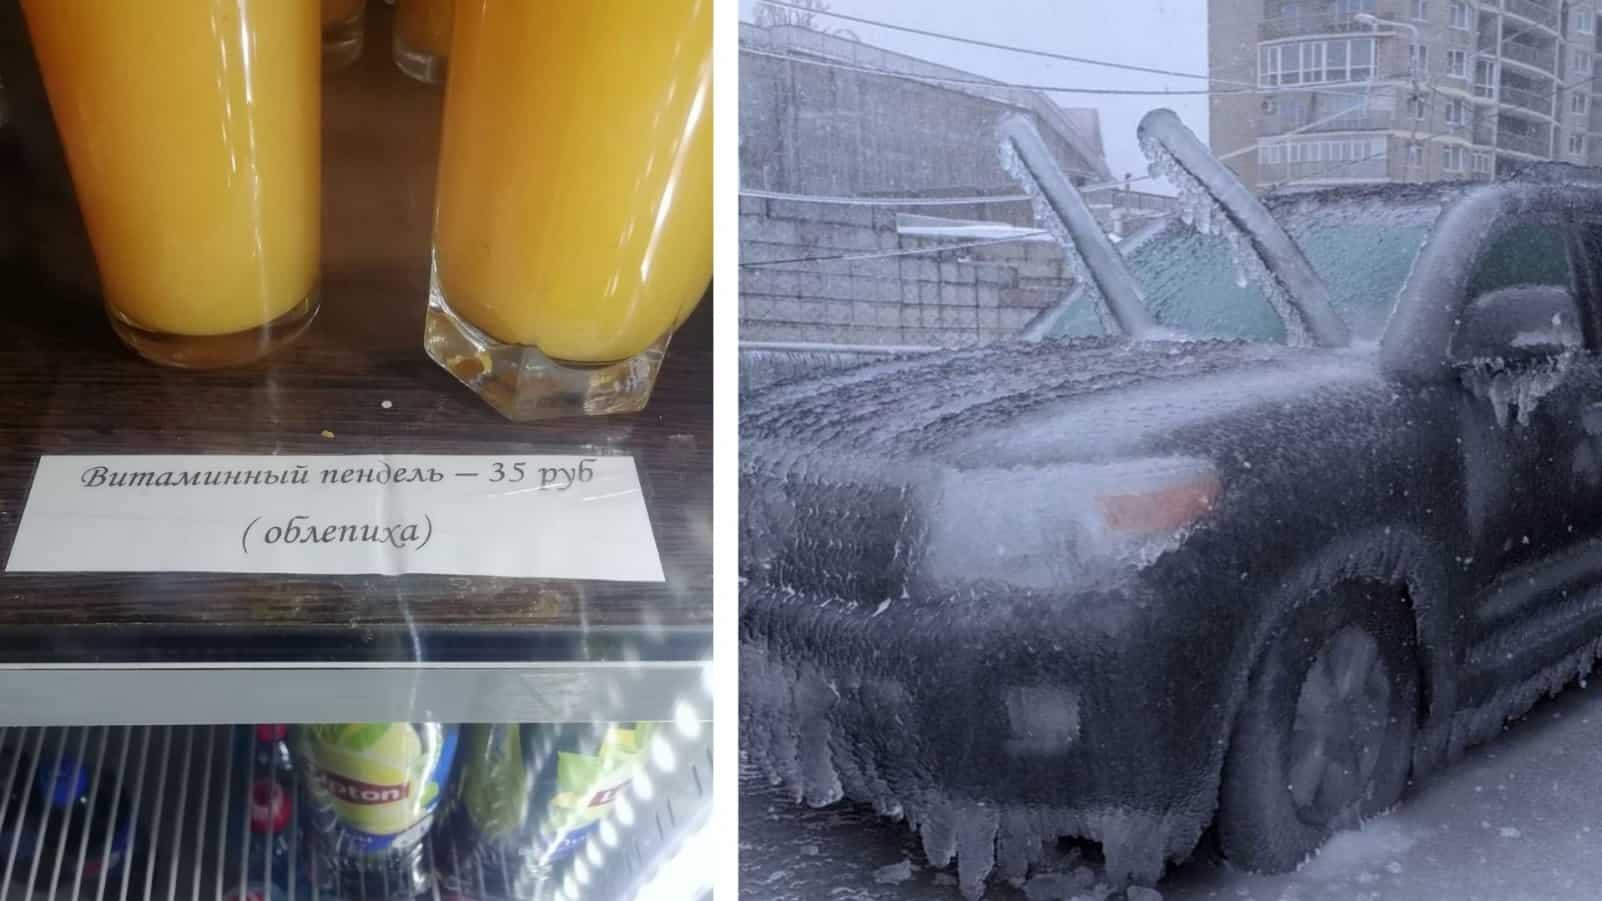 Витаминный пендель и другие фото из России, которые иностранцу не понять